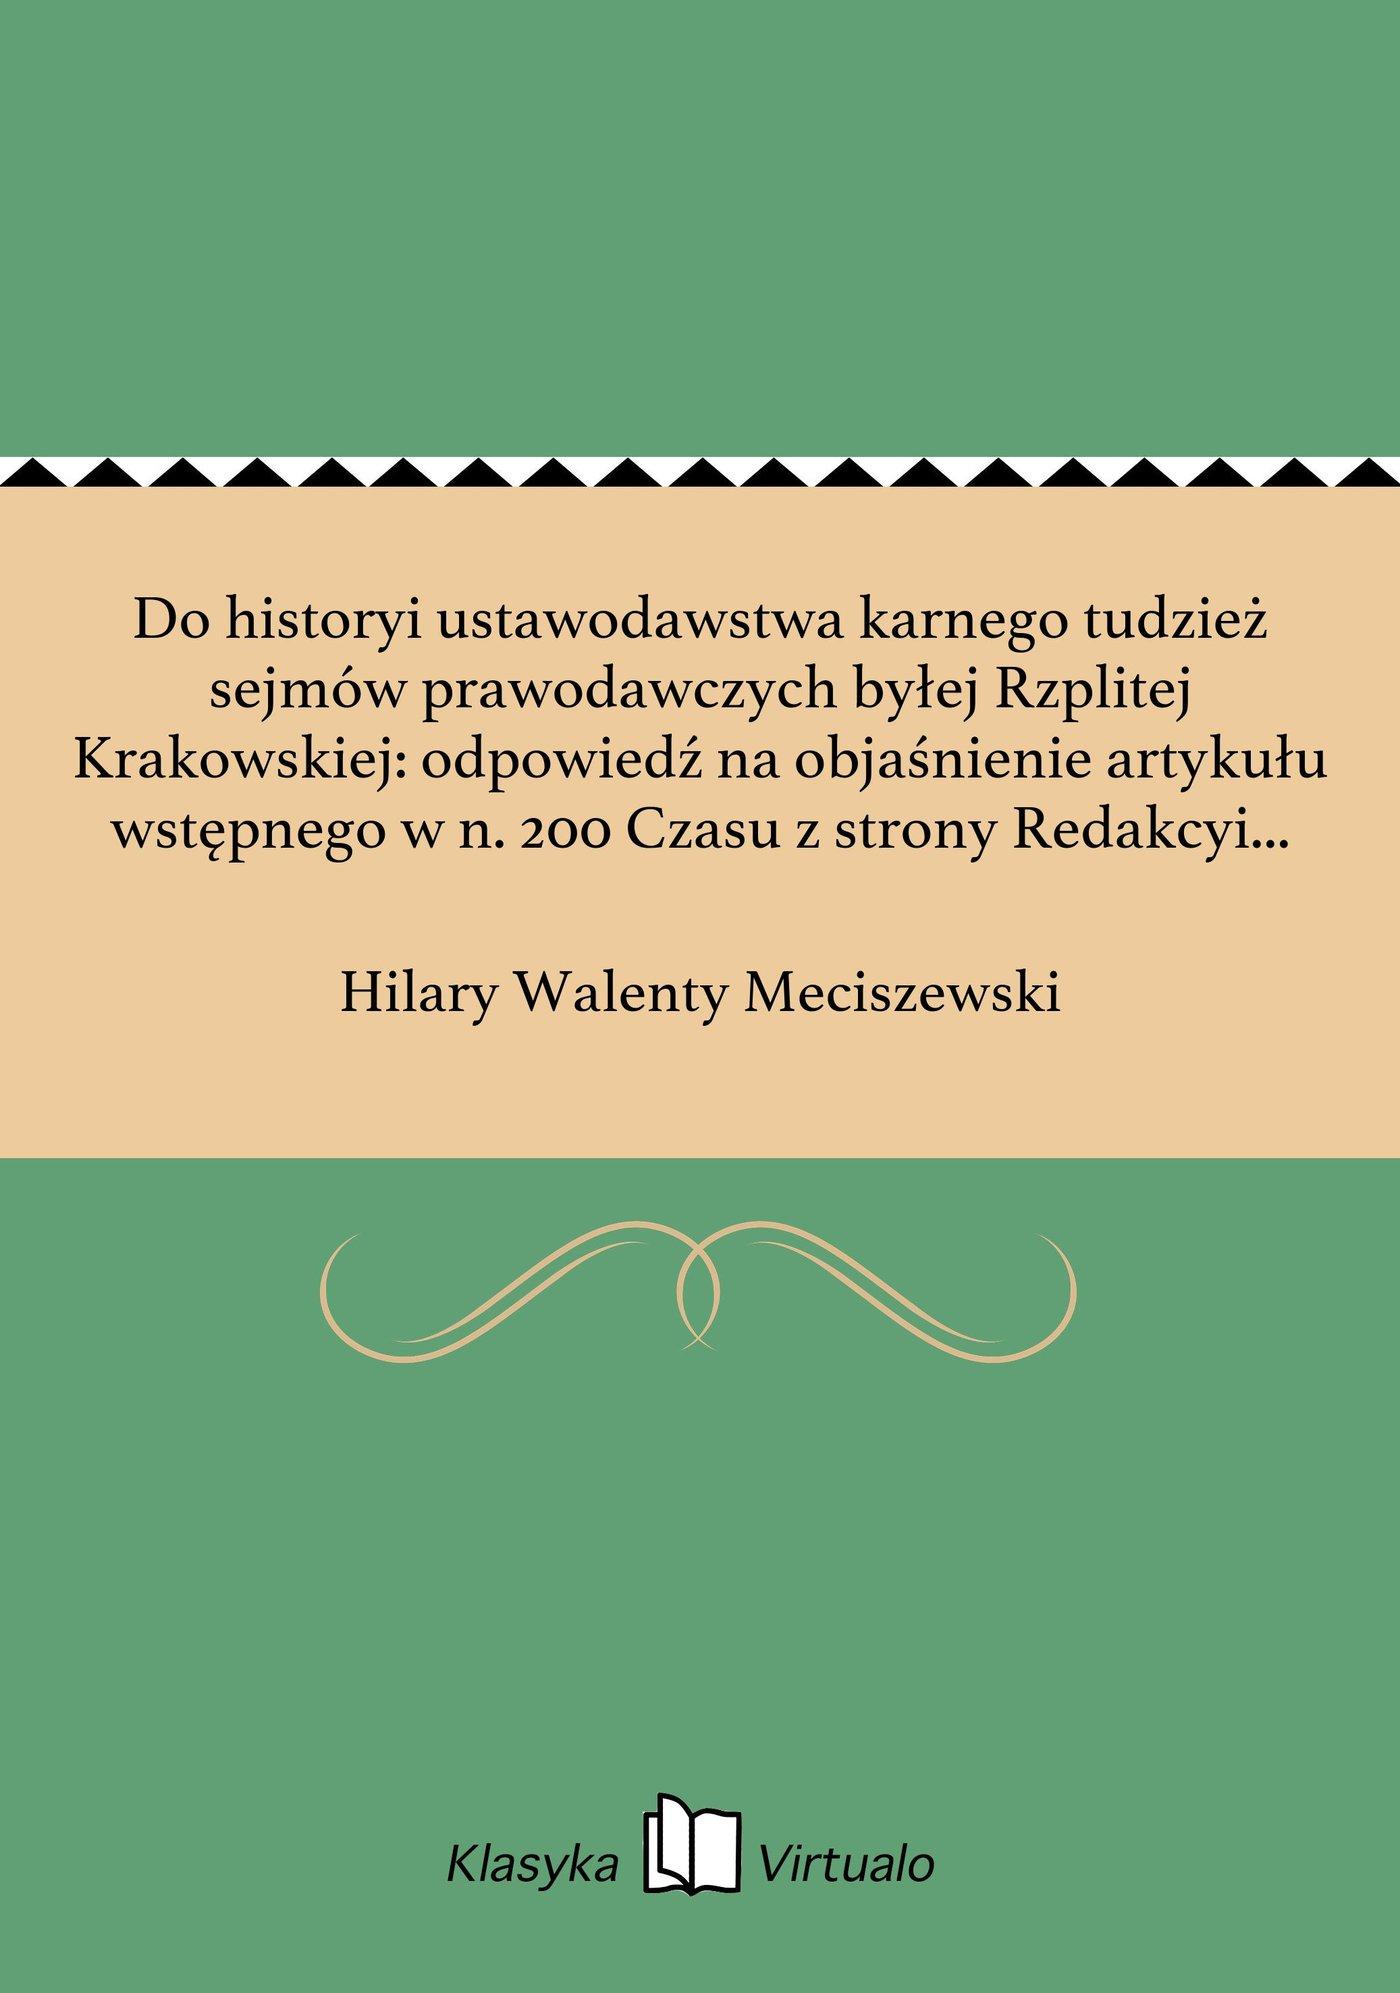 Do historyi ustawodawstwa karnego tudzież sejmów prawodawczych byłej Rzplitej Krakowskiej: odpowiedź na objaśnienie artykułu wstępnego w n. 200 Czasu z strony Redakcyi dane - Ebook (Książka EPUB) do pobrania w formacie EPUB